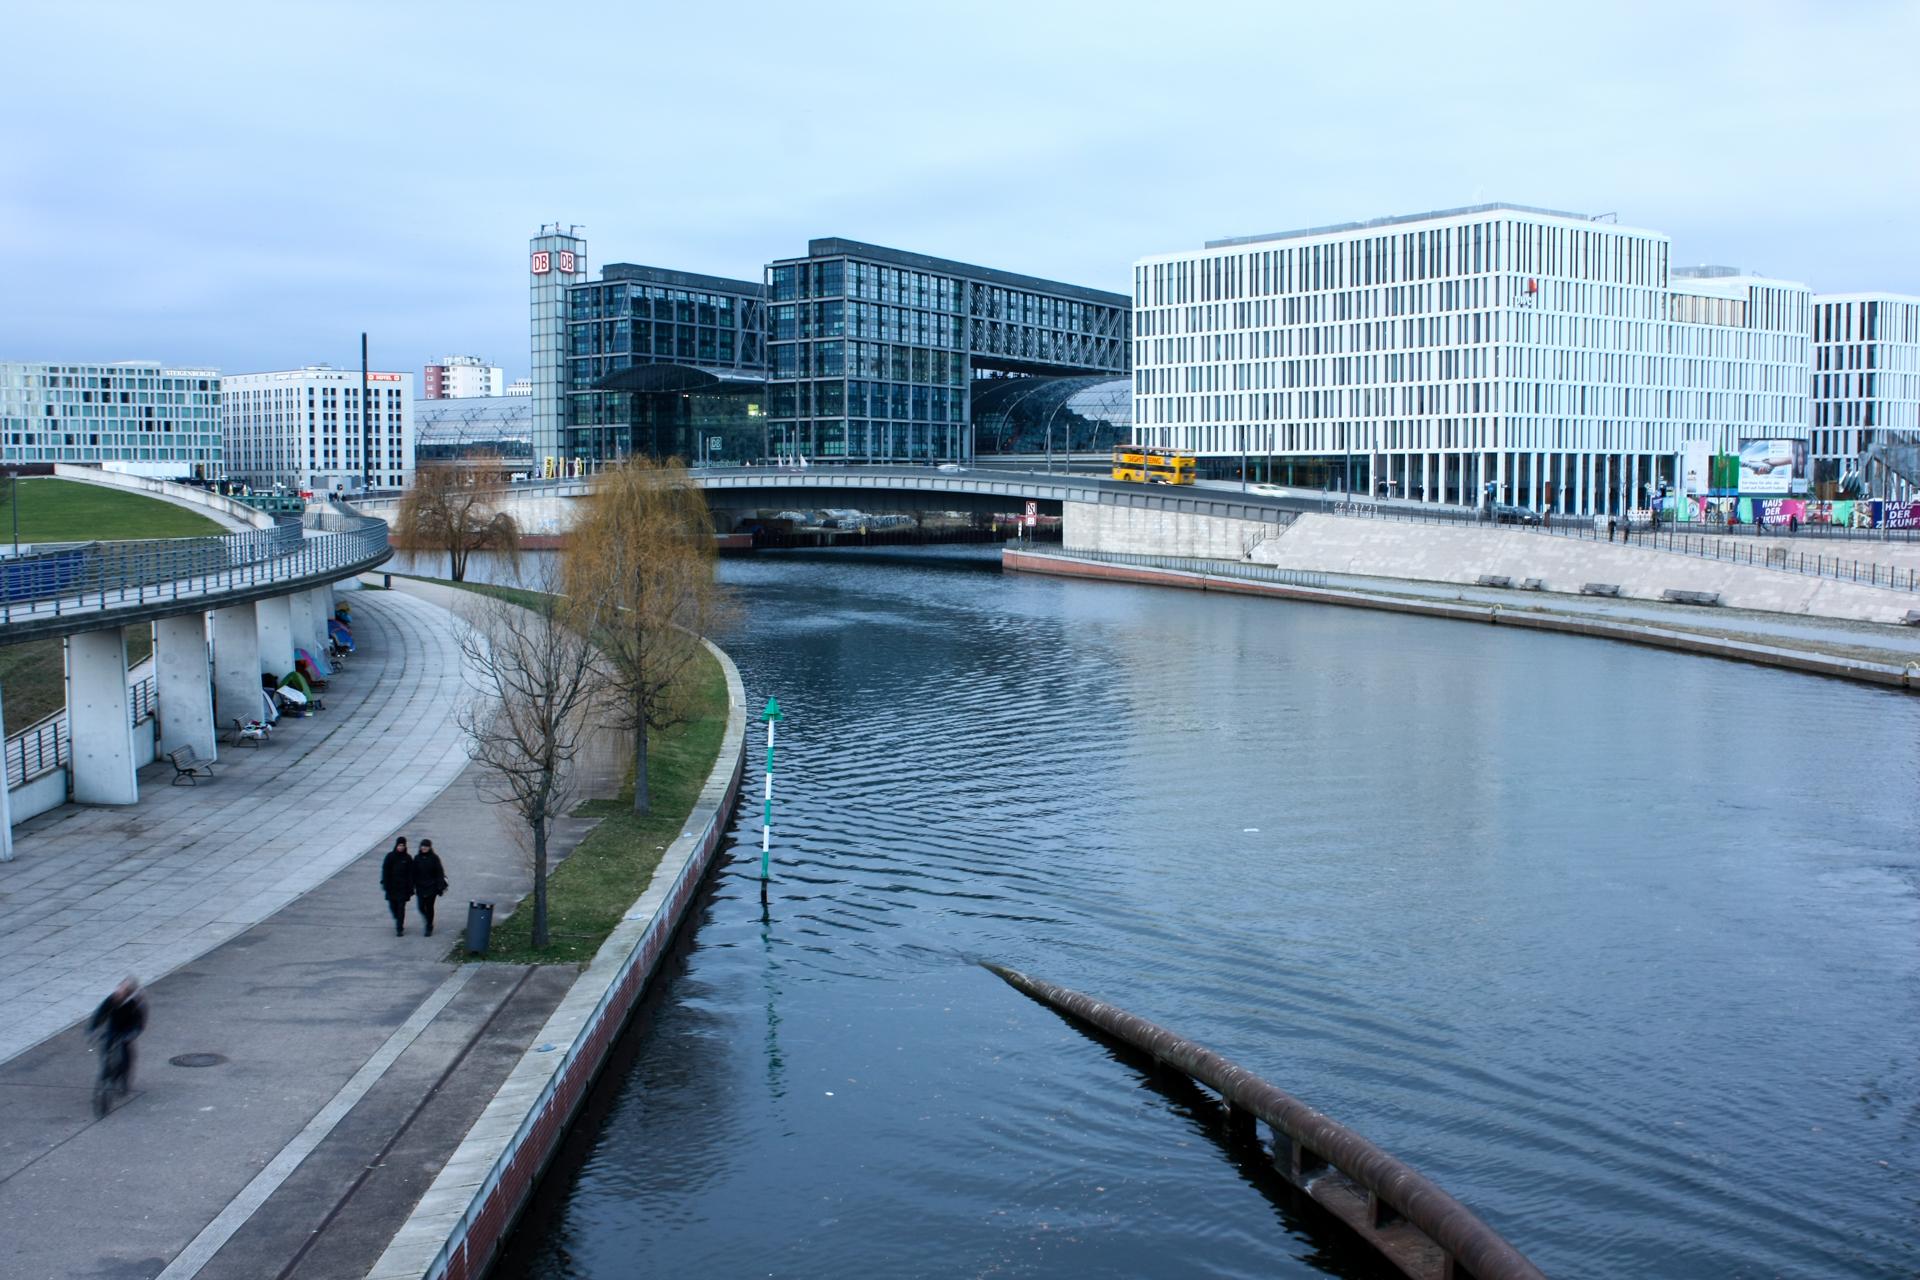 Berlin__by_gschetakis-4